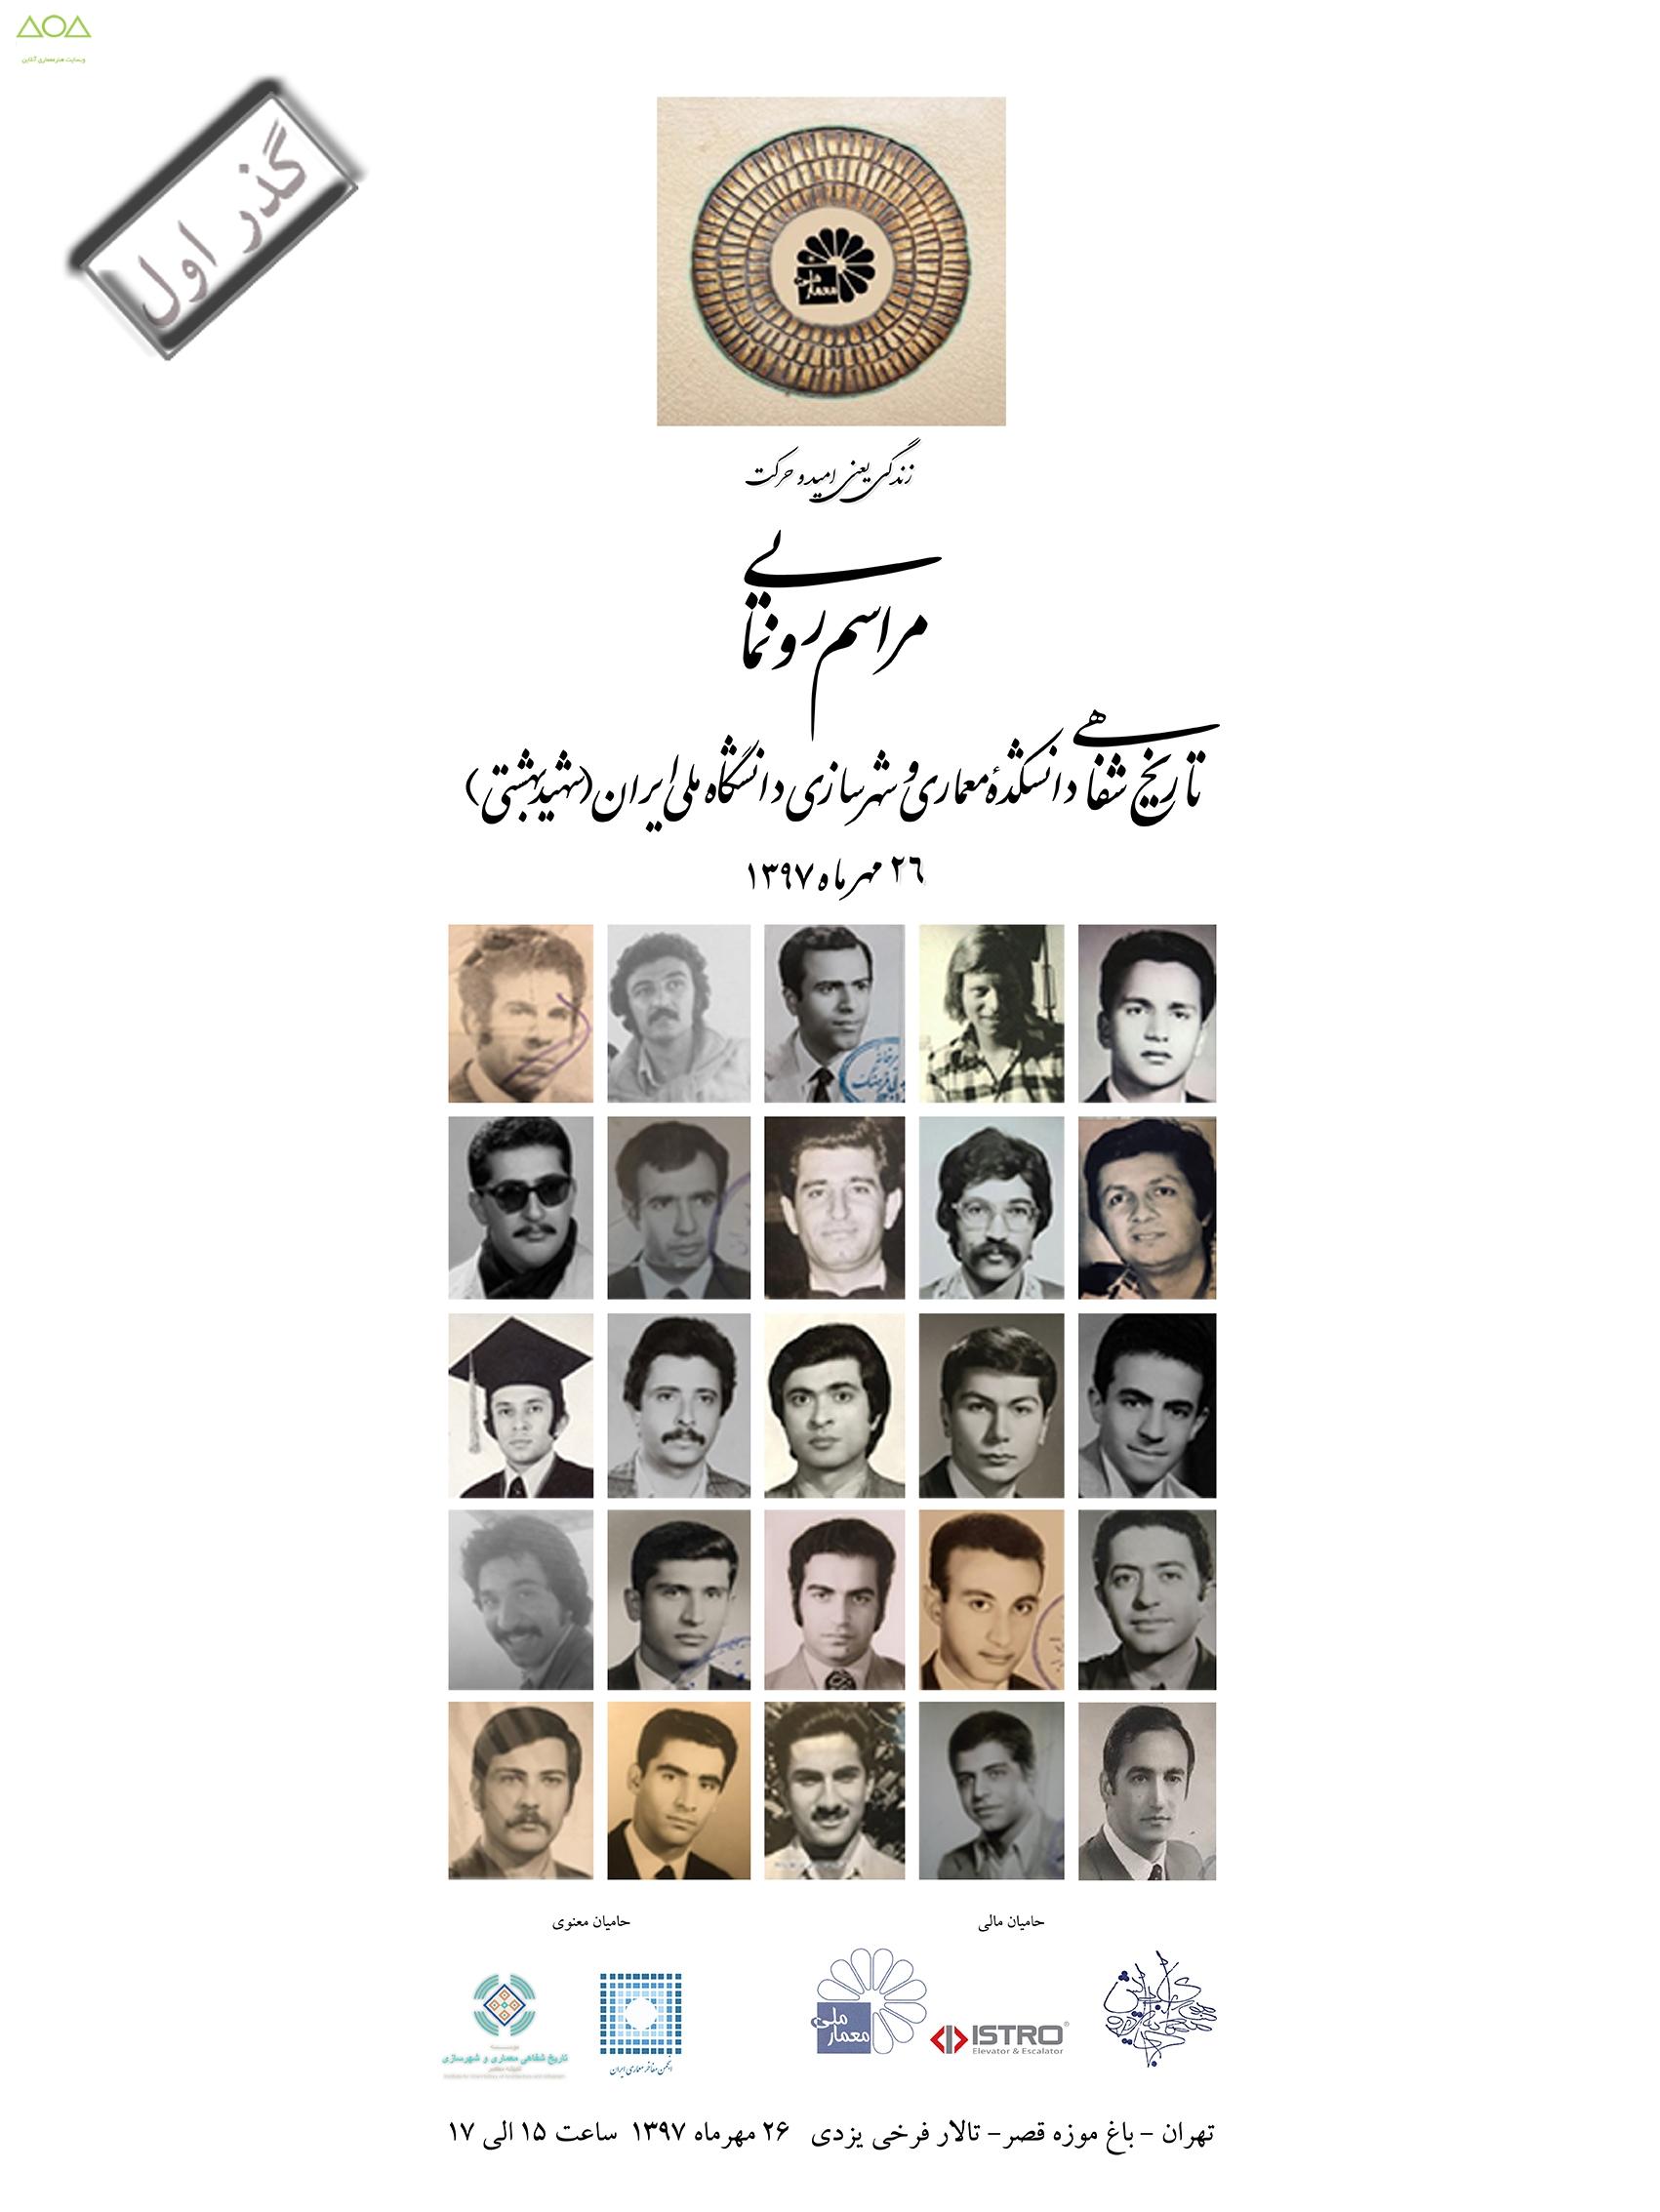 رونمایی از پروژه تاریخ شفاهی دانشکده معماری دانشگاه ملی(شهید بهشتی)